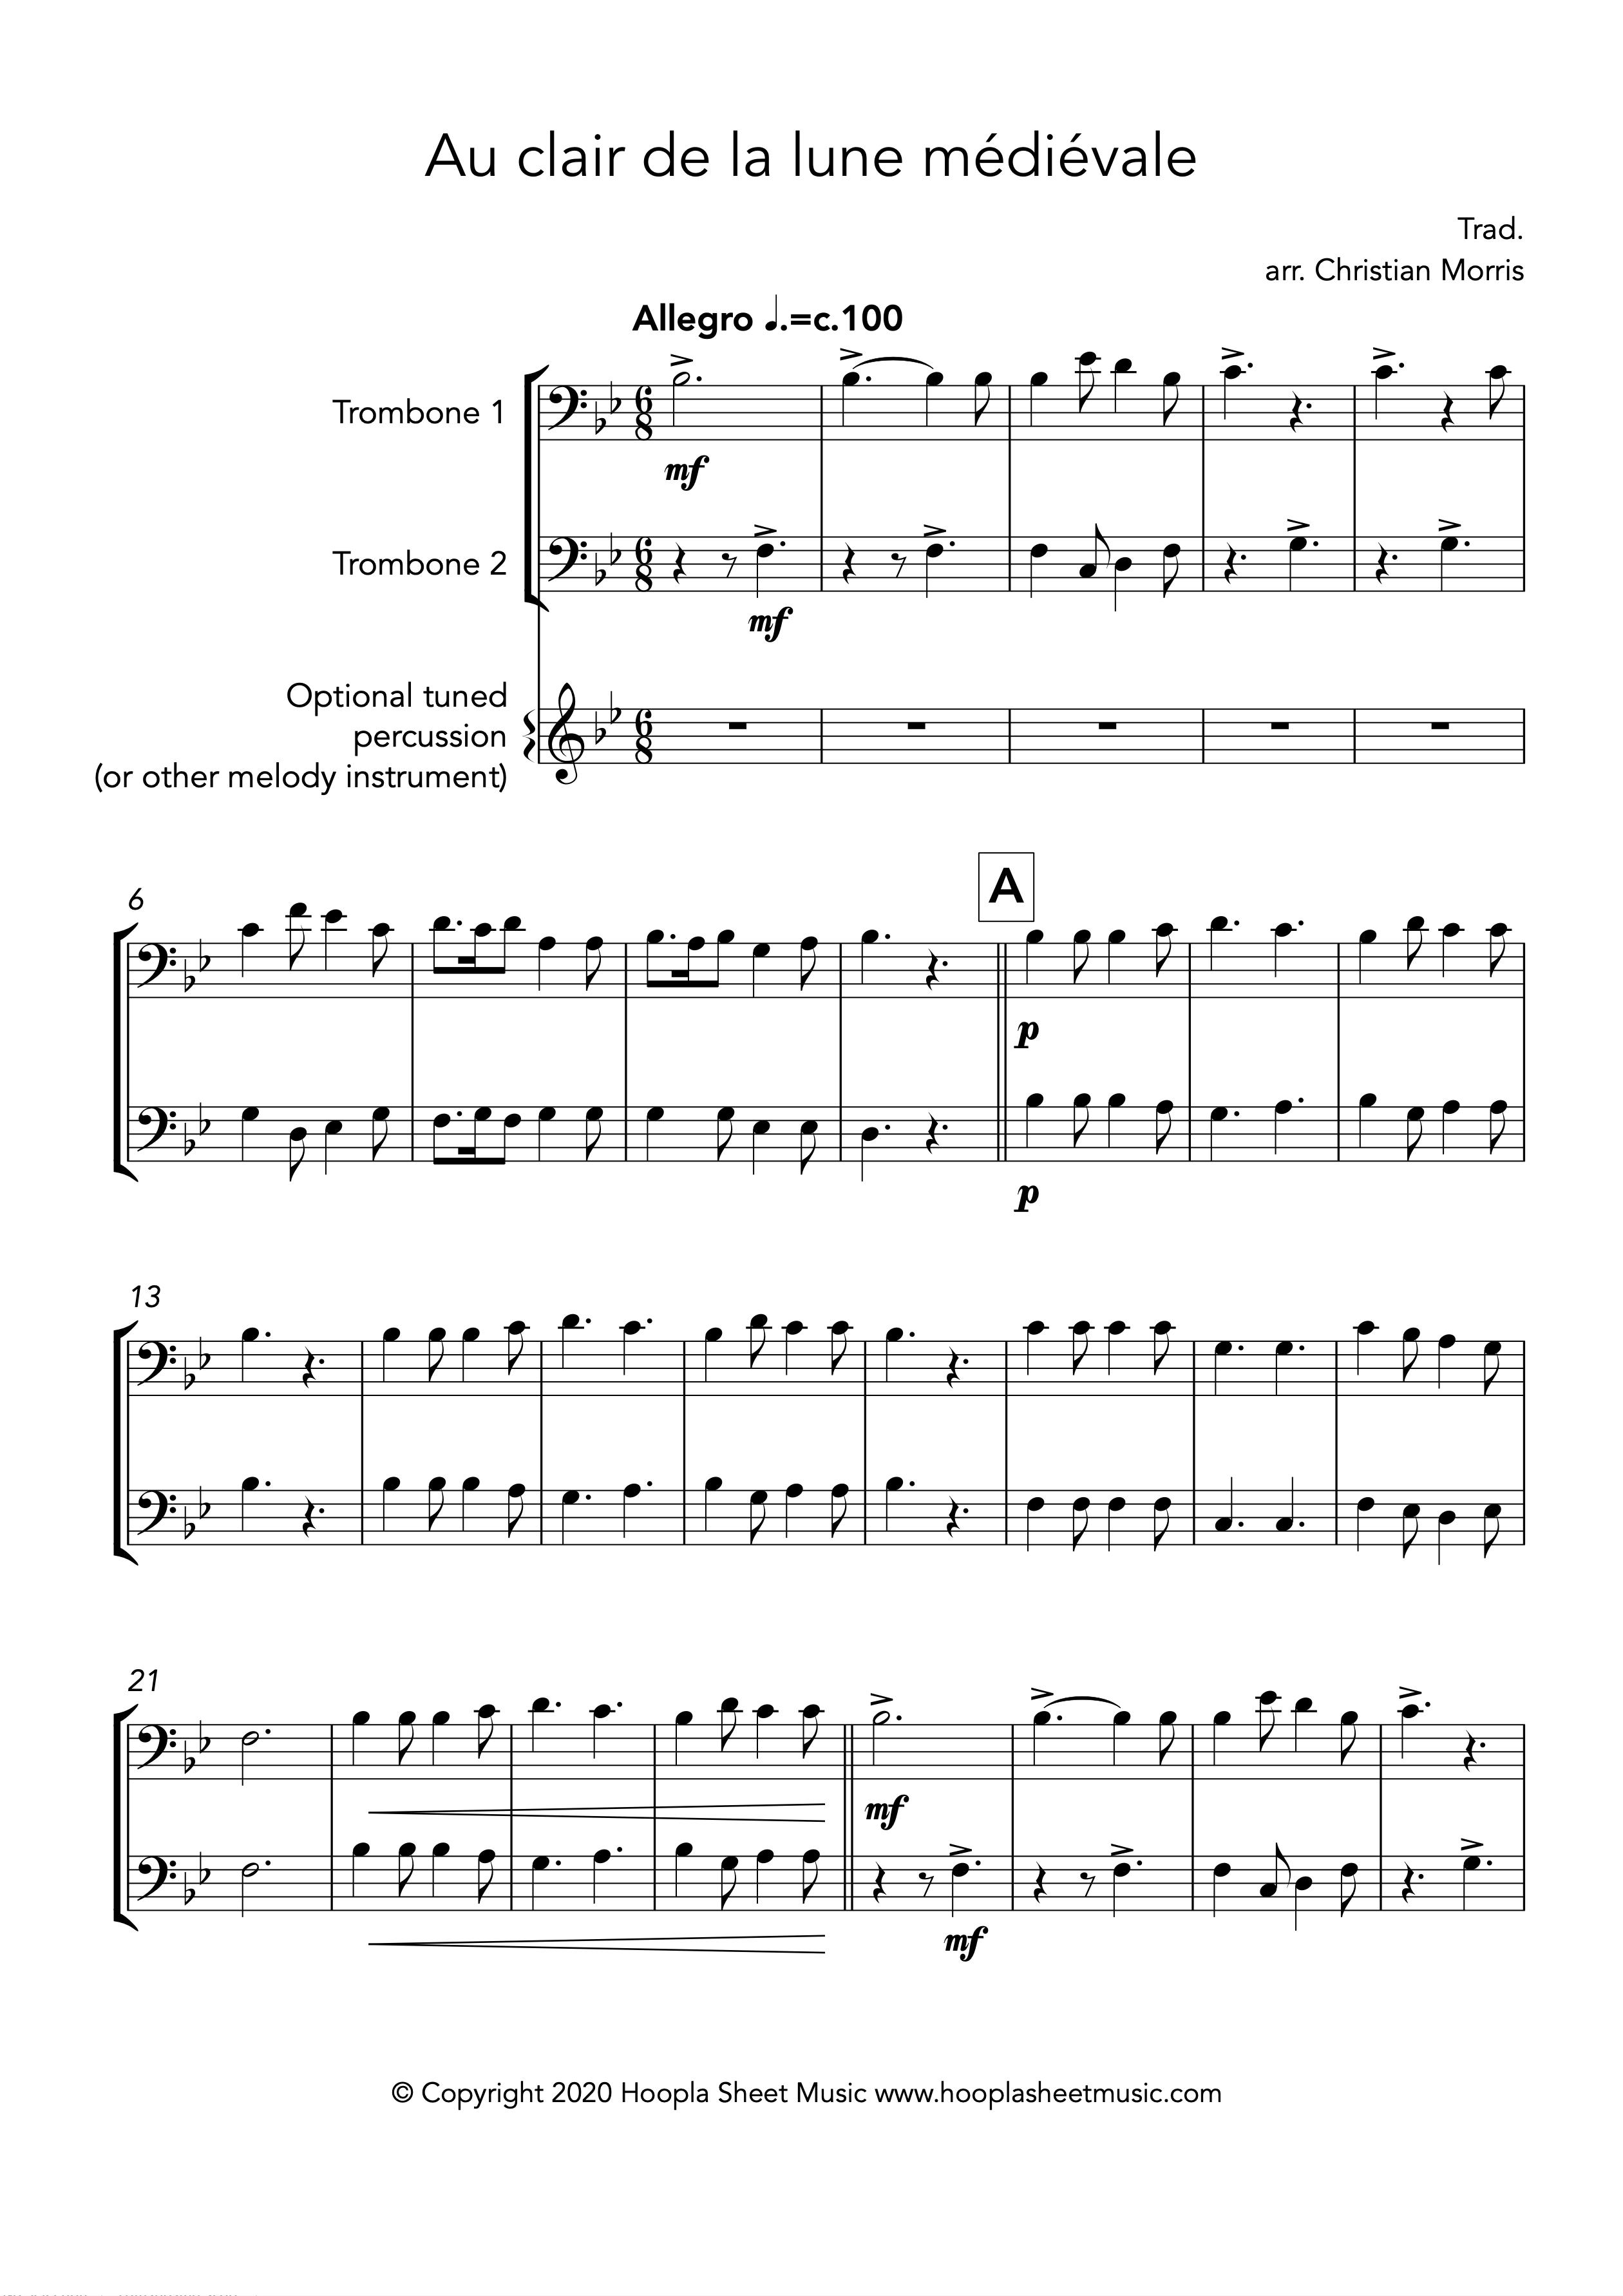 Au clair de la lune médiévale (French Horn Duet)